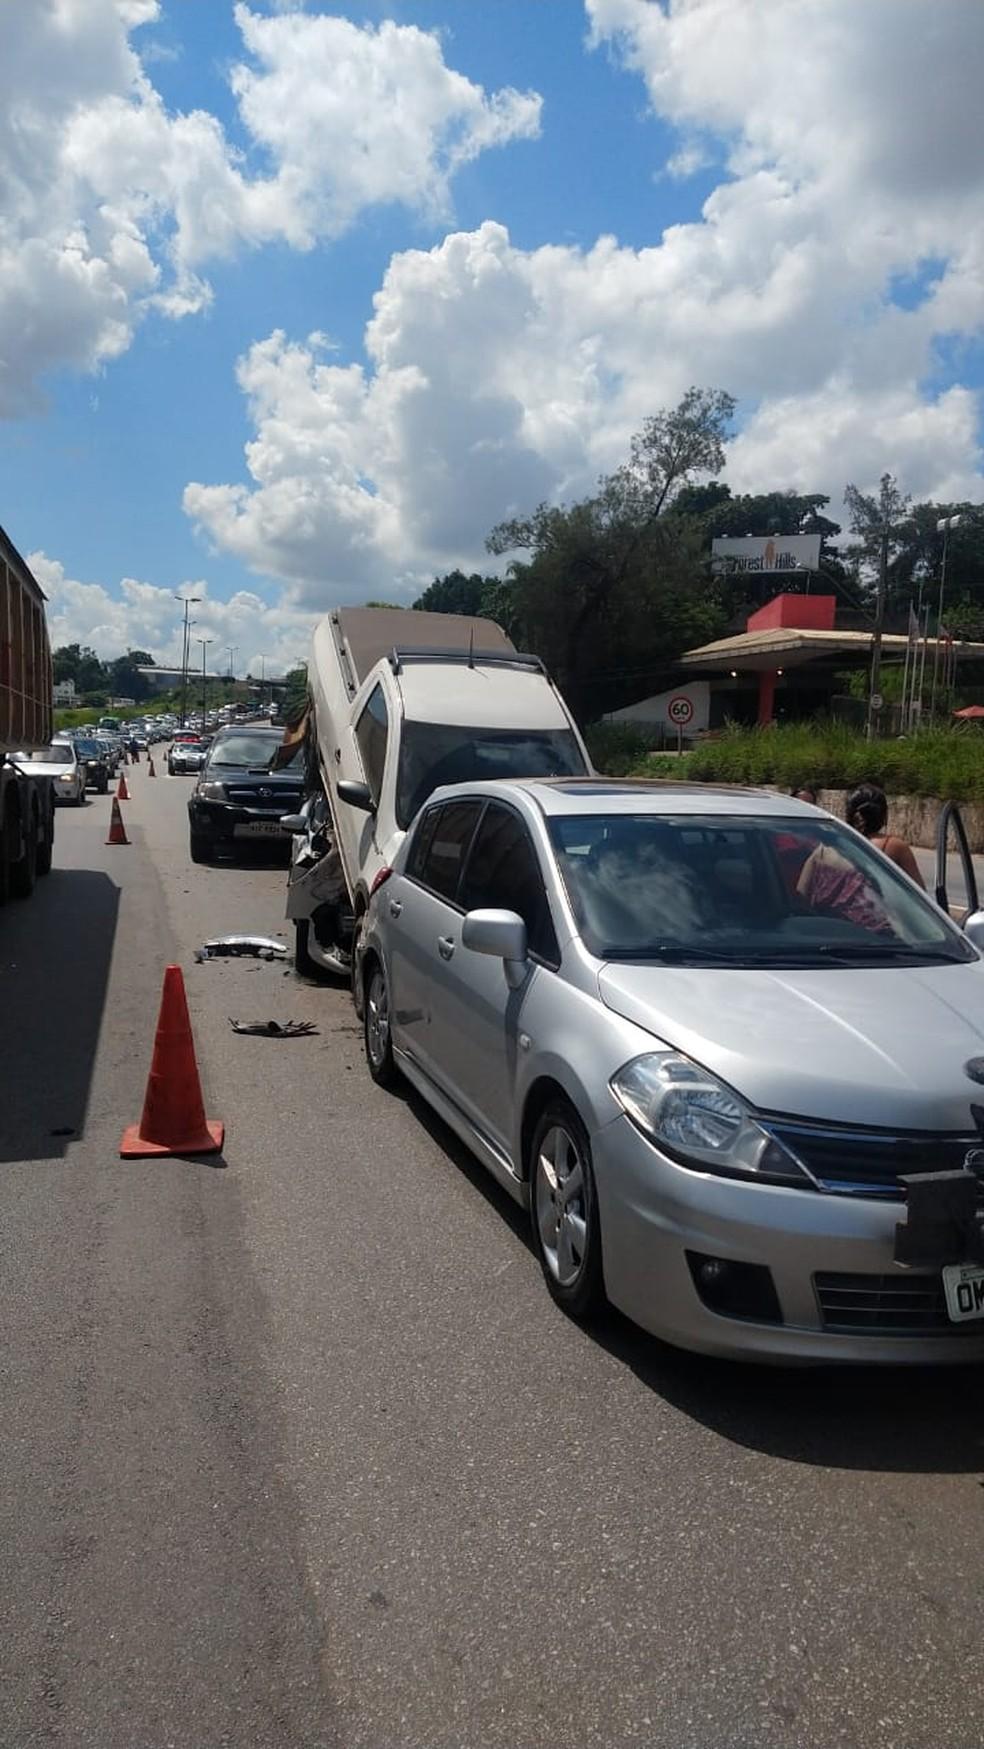 Trânsito ficou lento no Anel rodoviário no sentido Rio de Janeiro após acidente — Foto: PRE/Divulgação